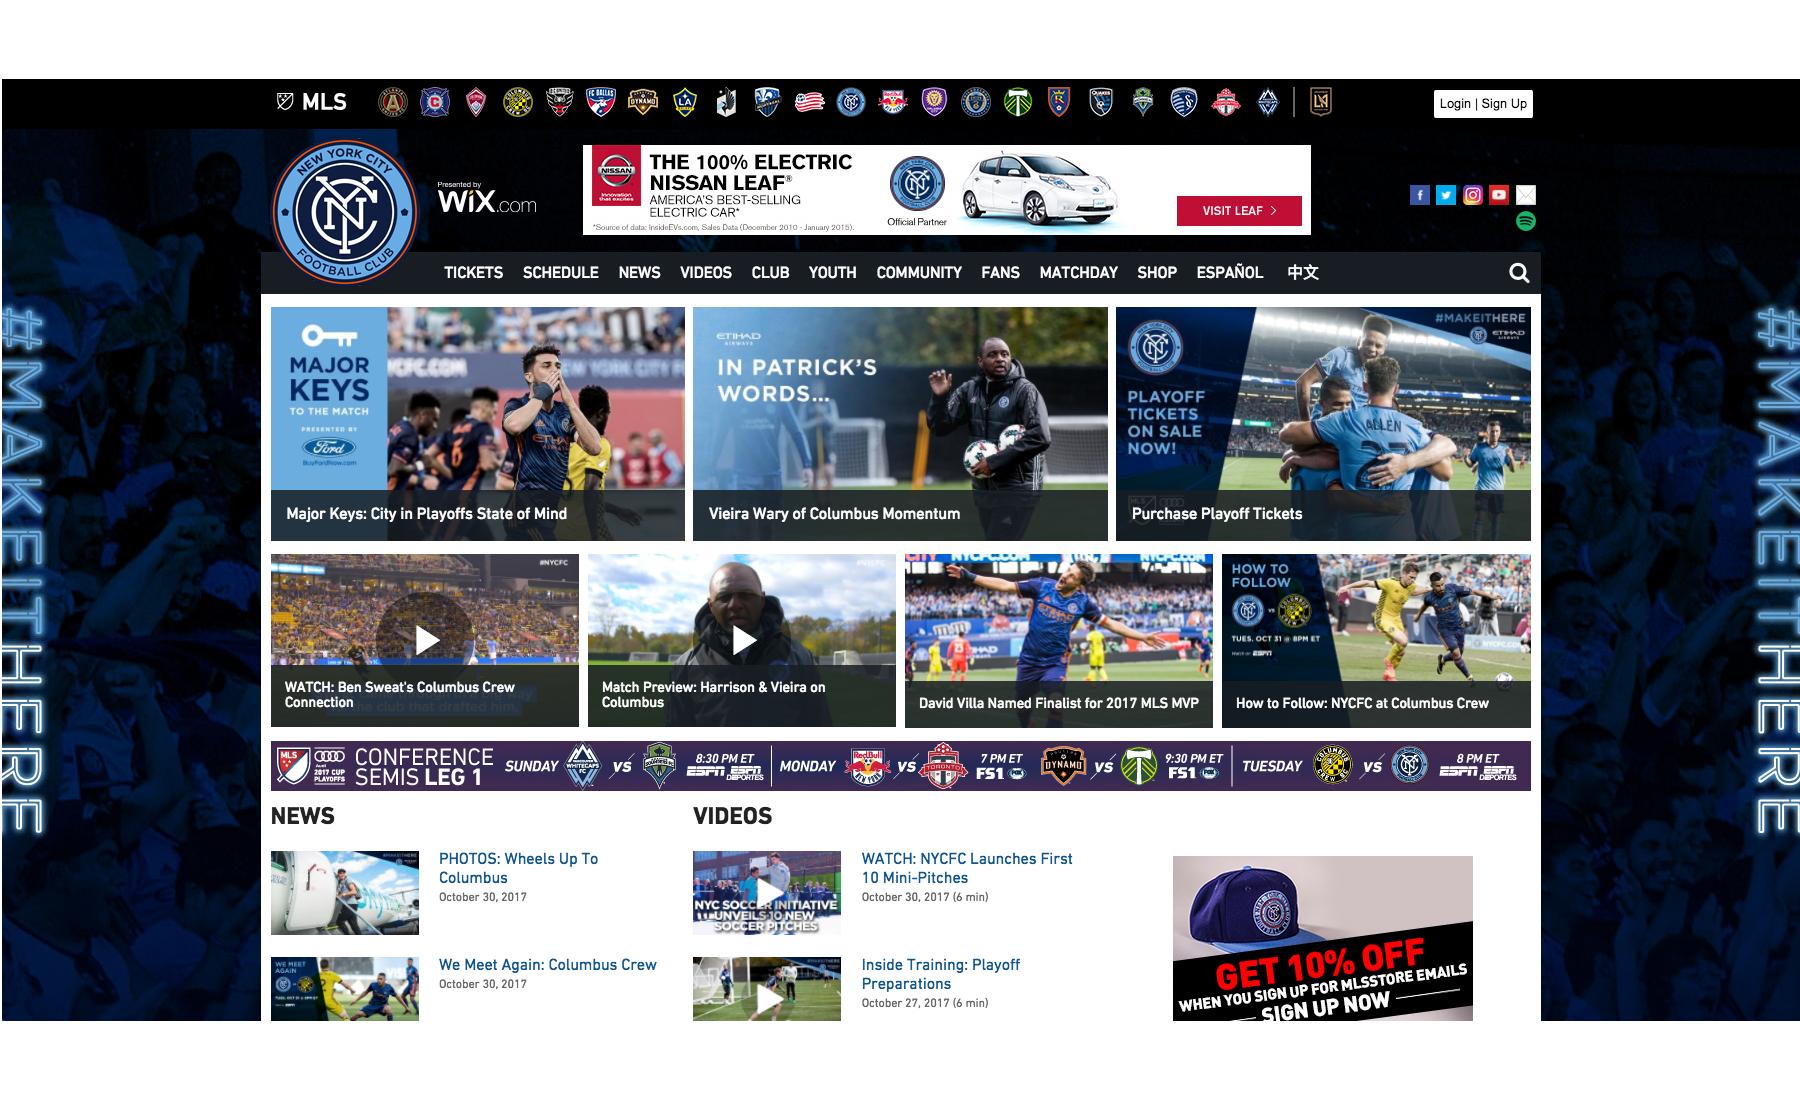 NYCFC Homepage